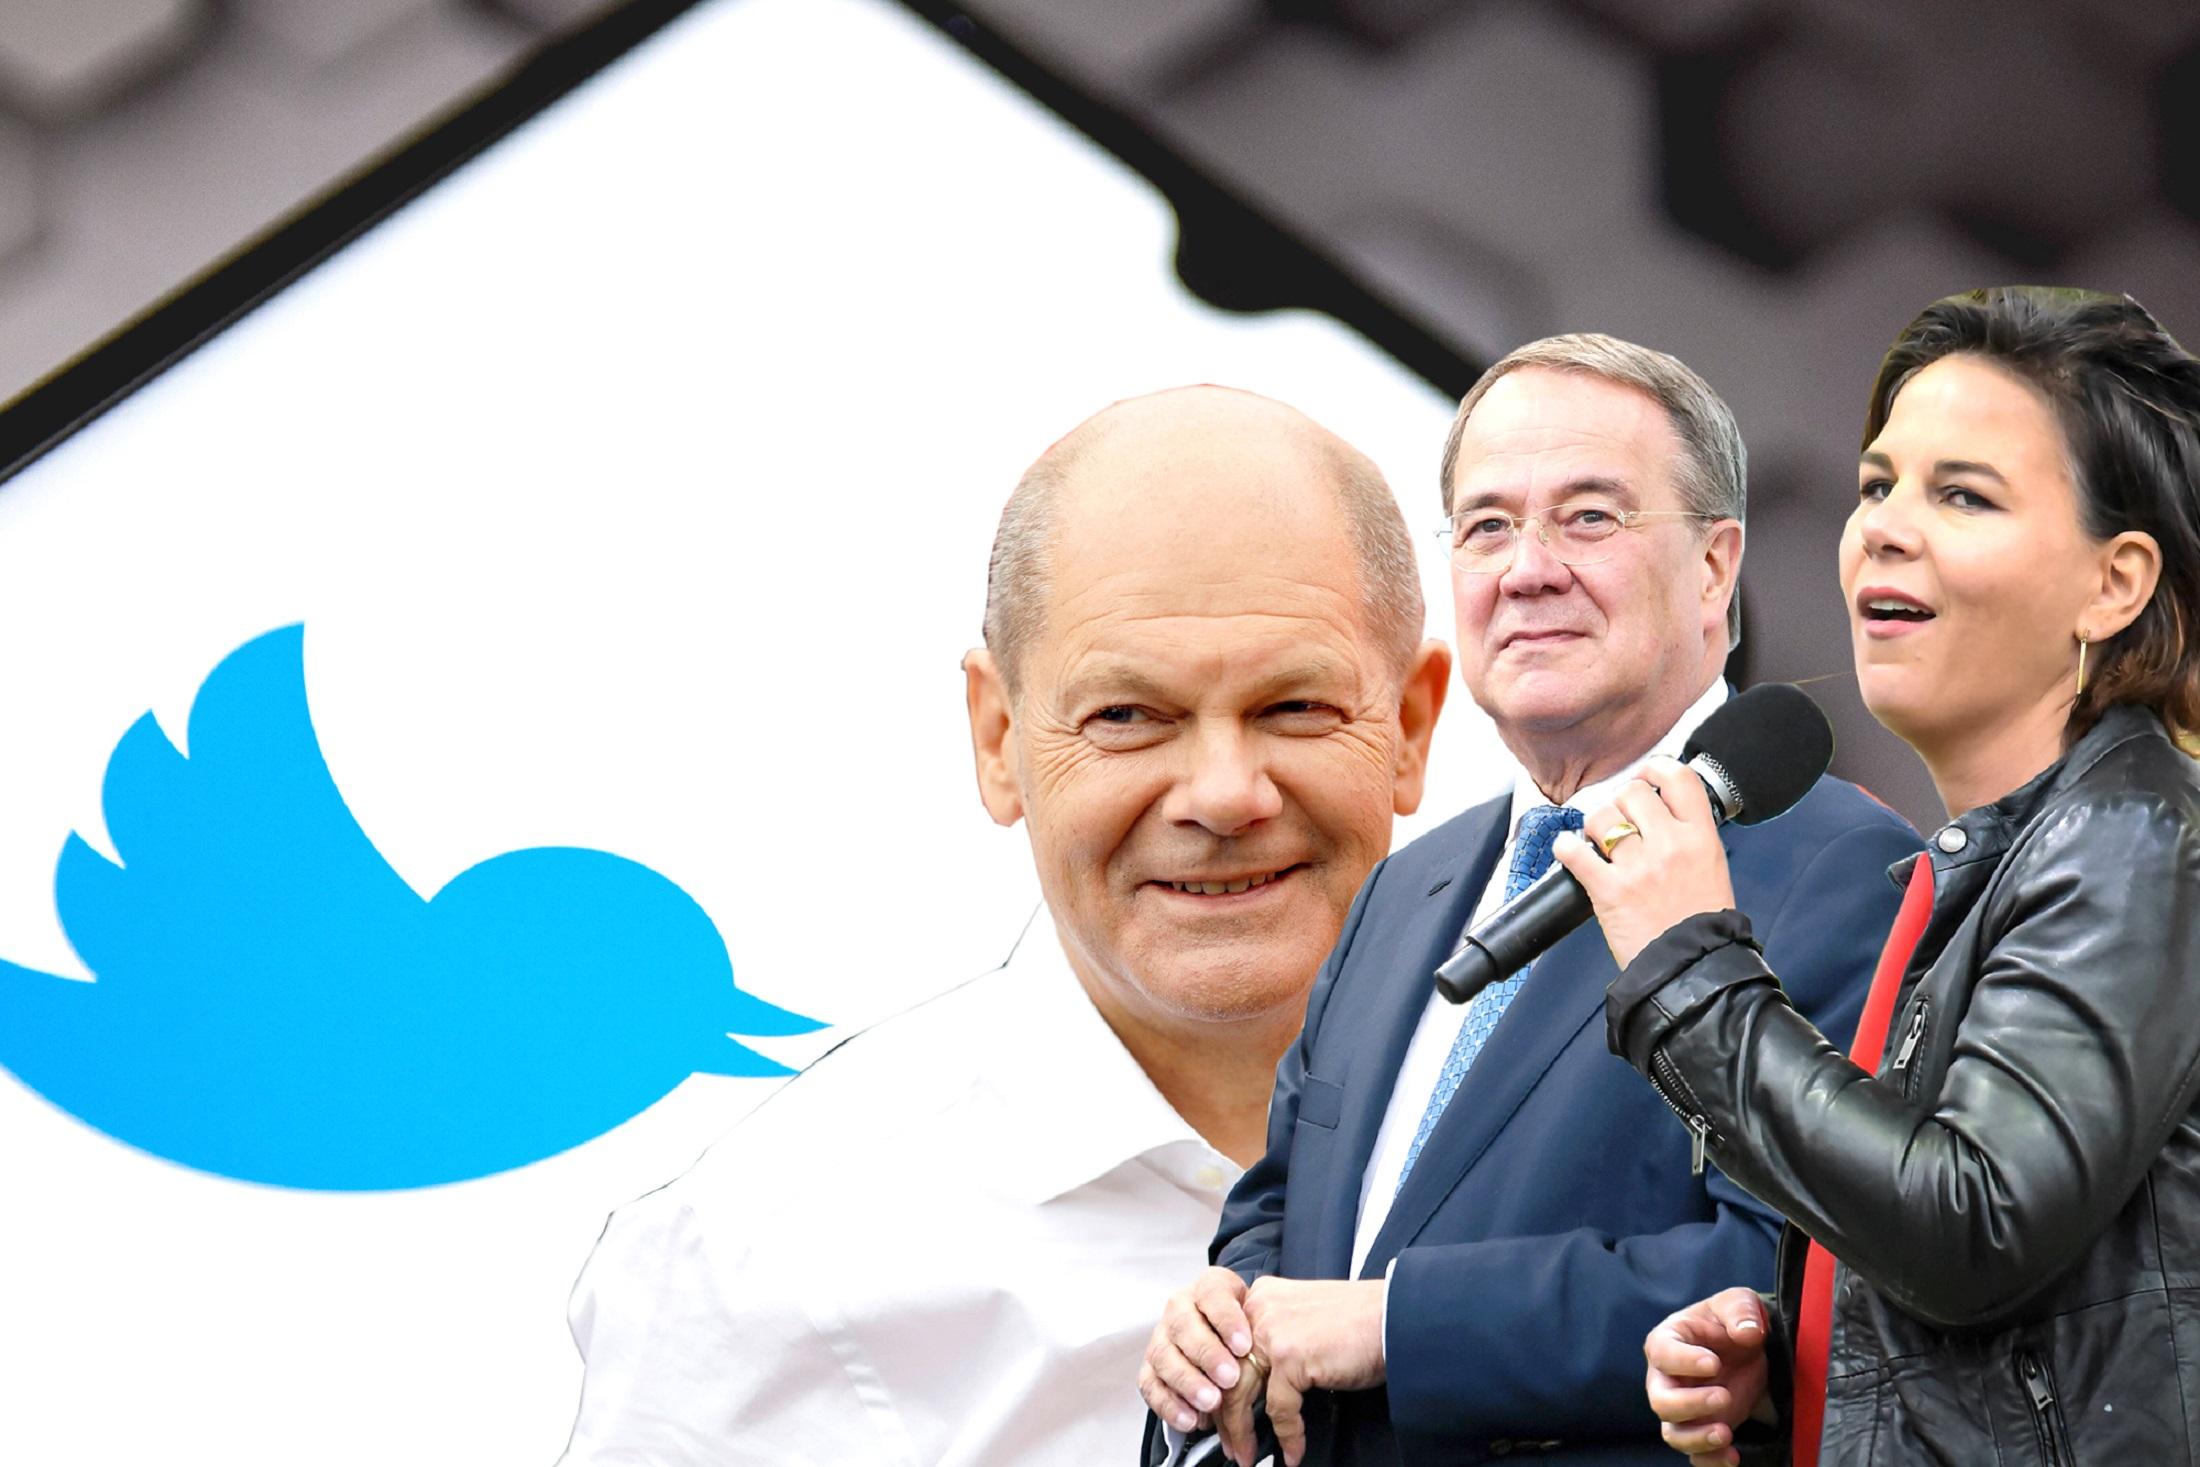 Bundestagswahl 2021 Reaktionen: Social Media reagiert auf Scholz und Laschet